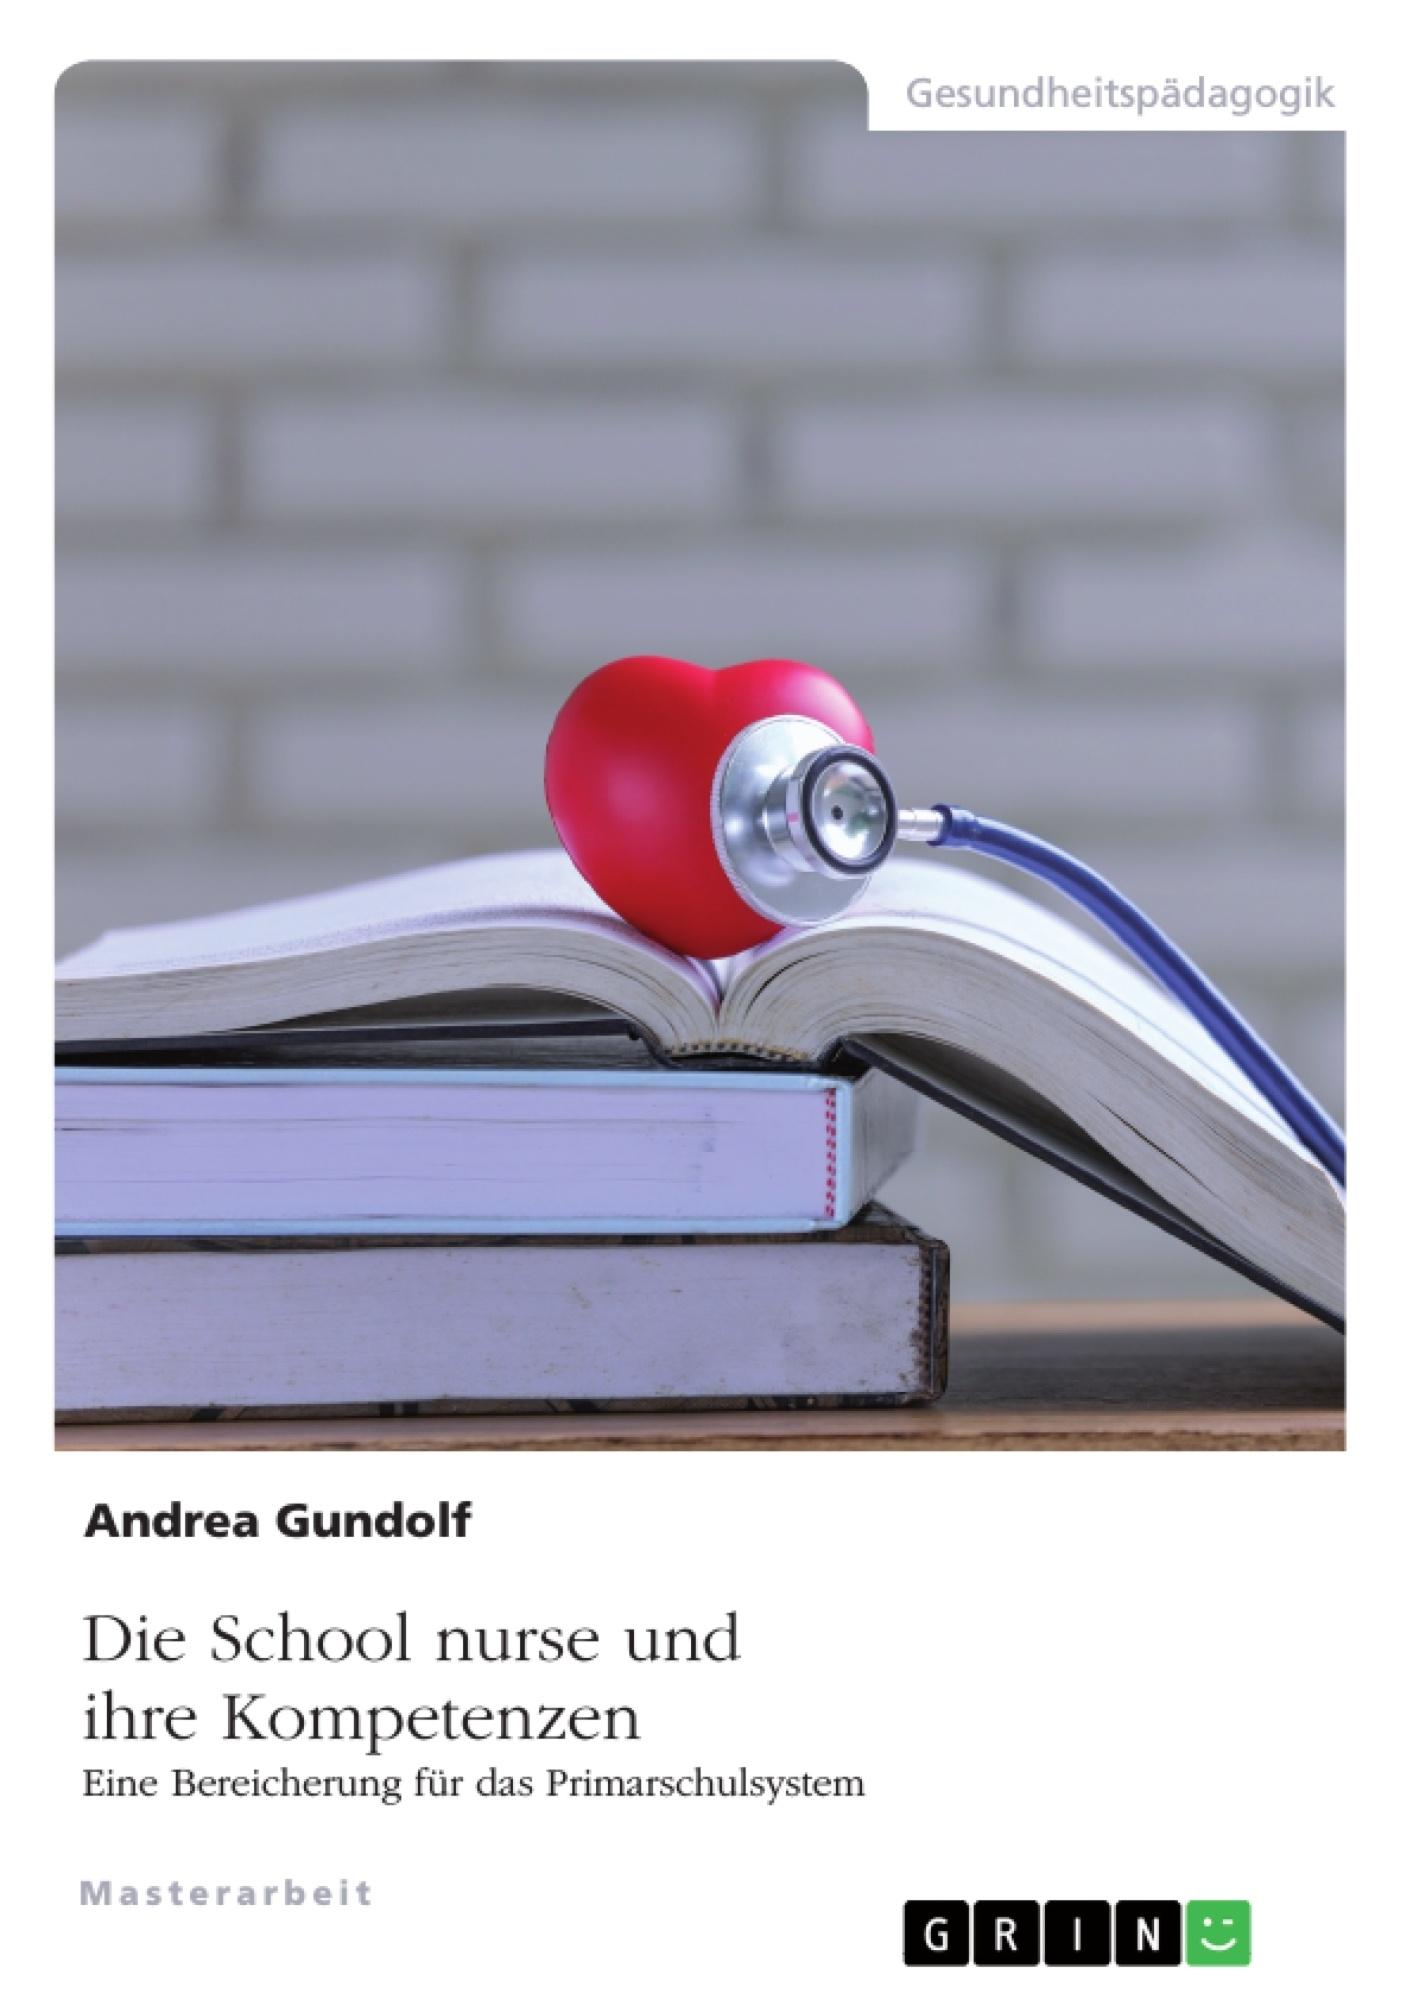 Titel: Die School nurse und ihre Kompetenzen. Eine Bereicherung für das Primarschulsystem